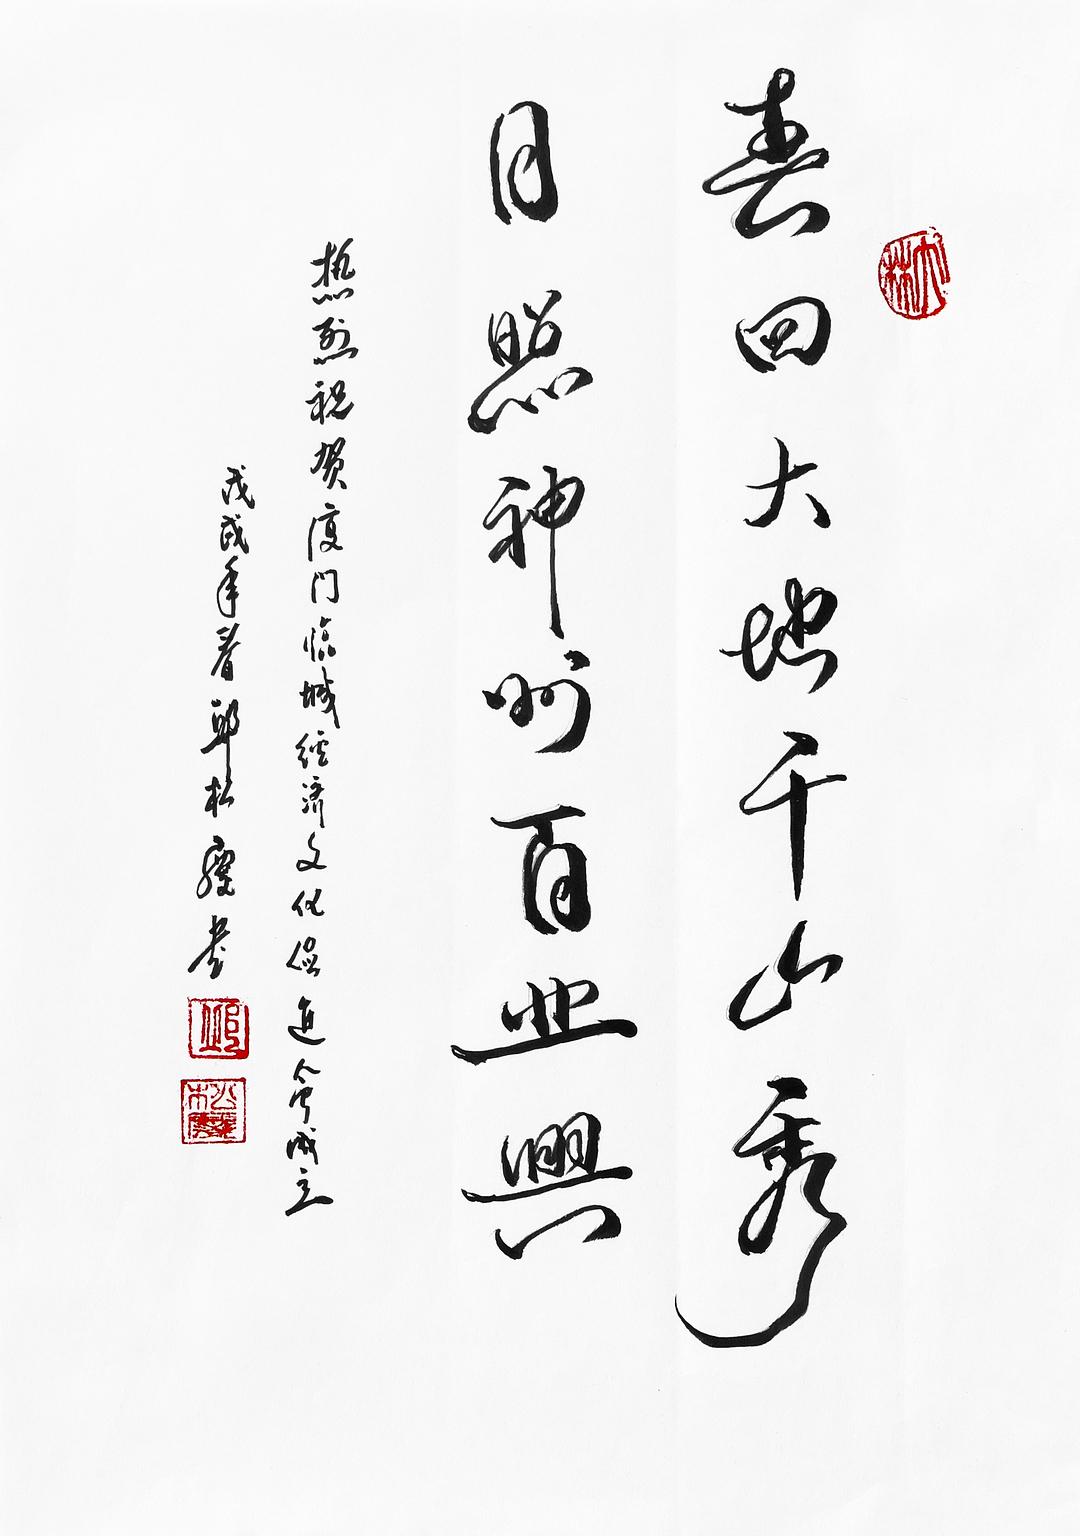 《春回大地千山秀 日照神州百夜兴》29.7x21cm 行书 纸本墨笔 2018年